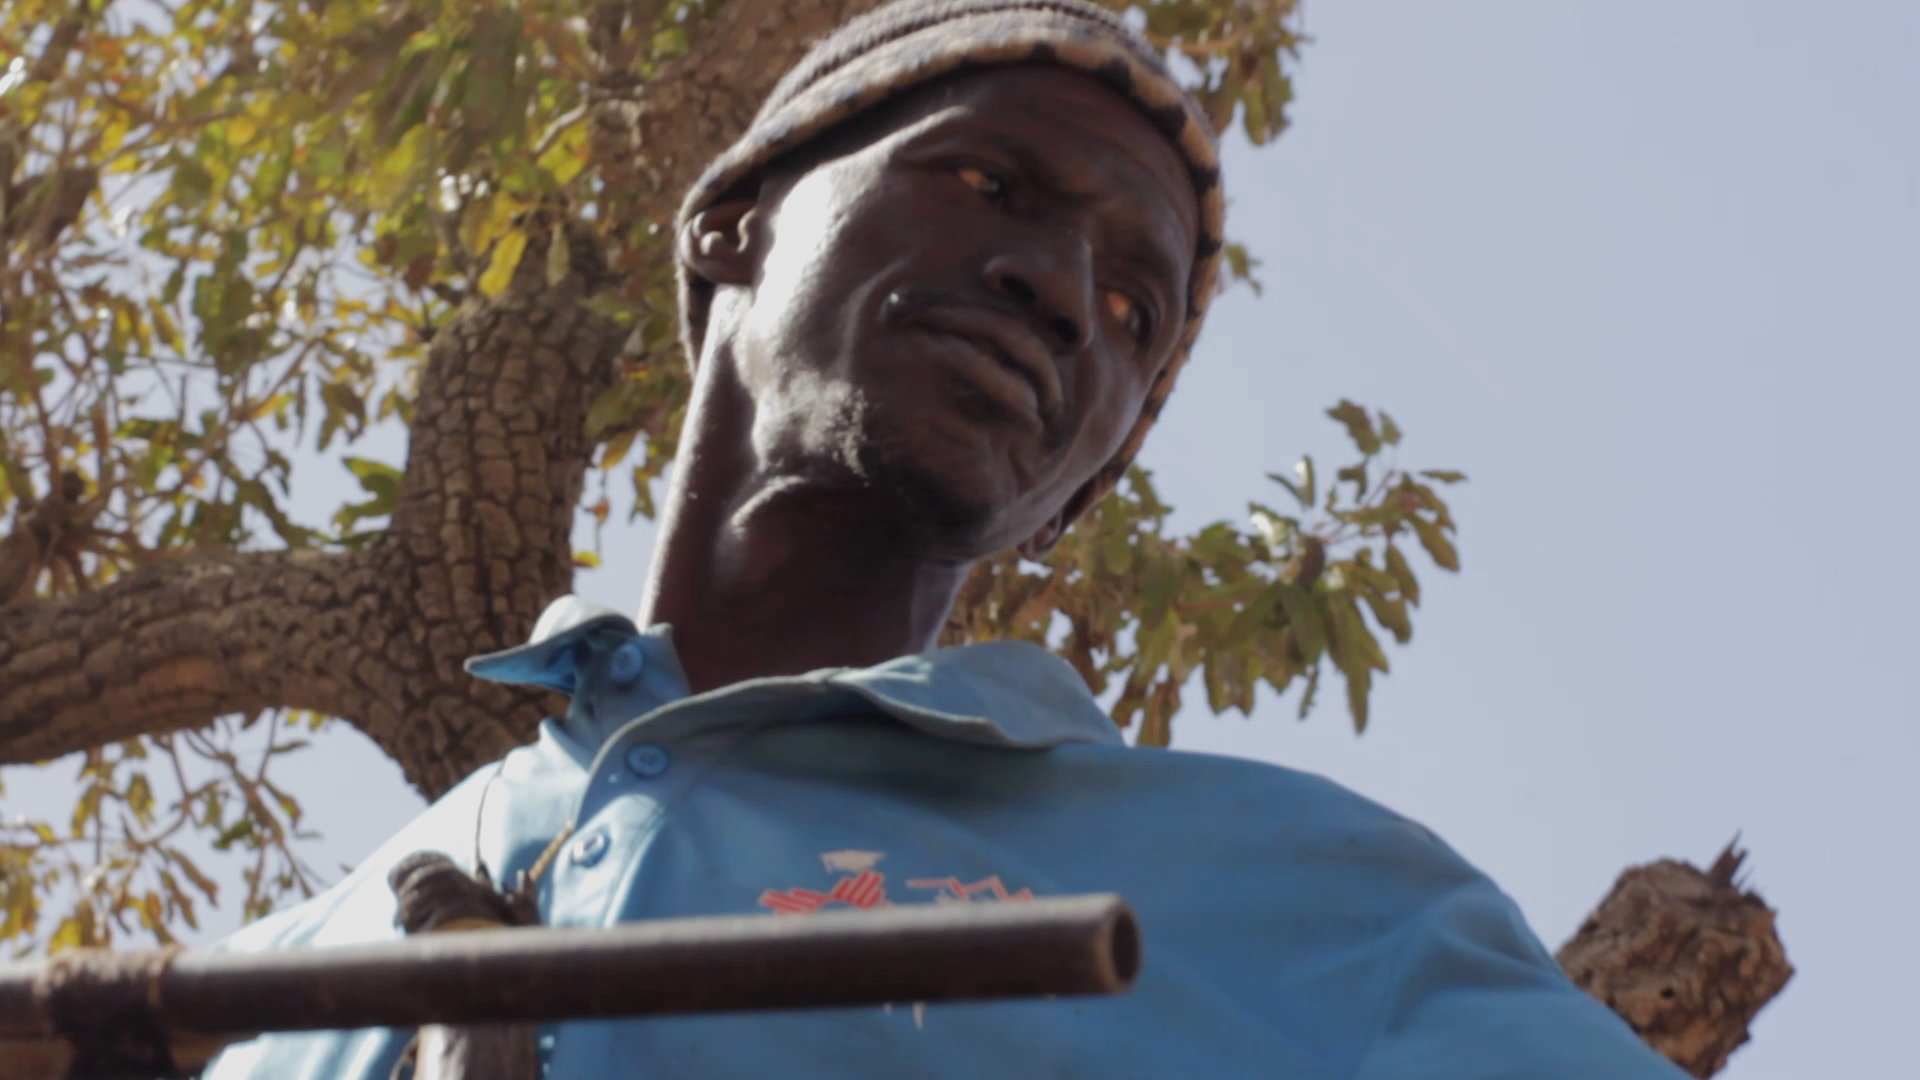 herrero cazador dogon pablocaminante - Malí 8, País Dogon V: moda, arte y religión